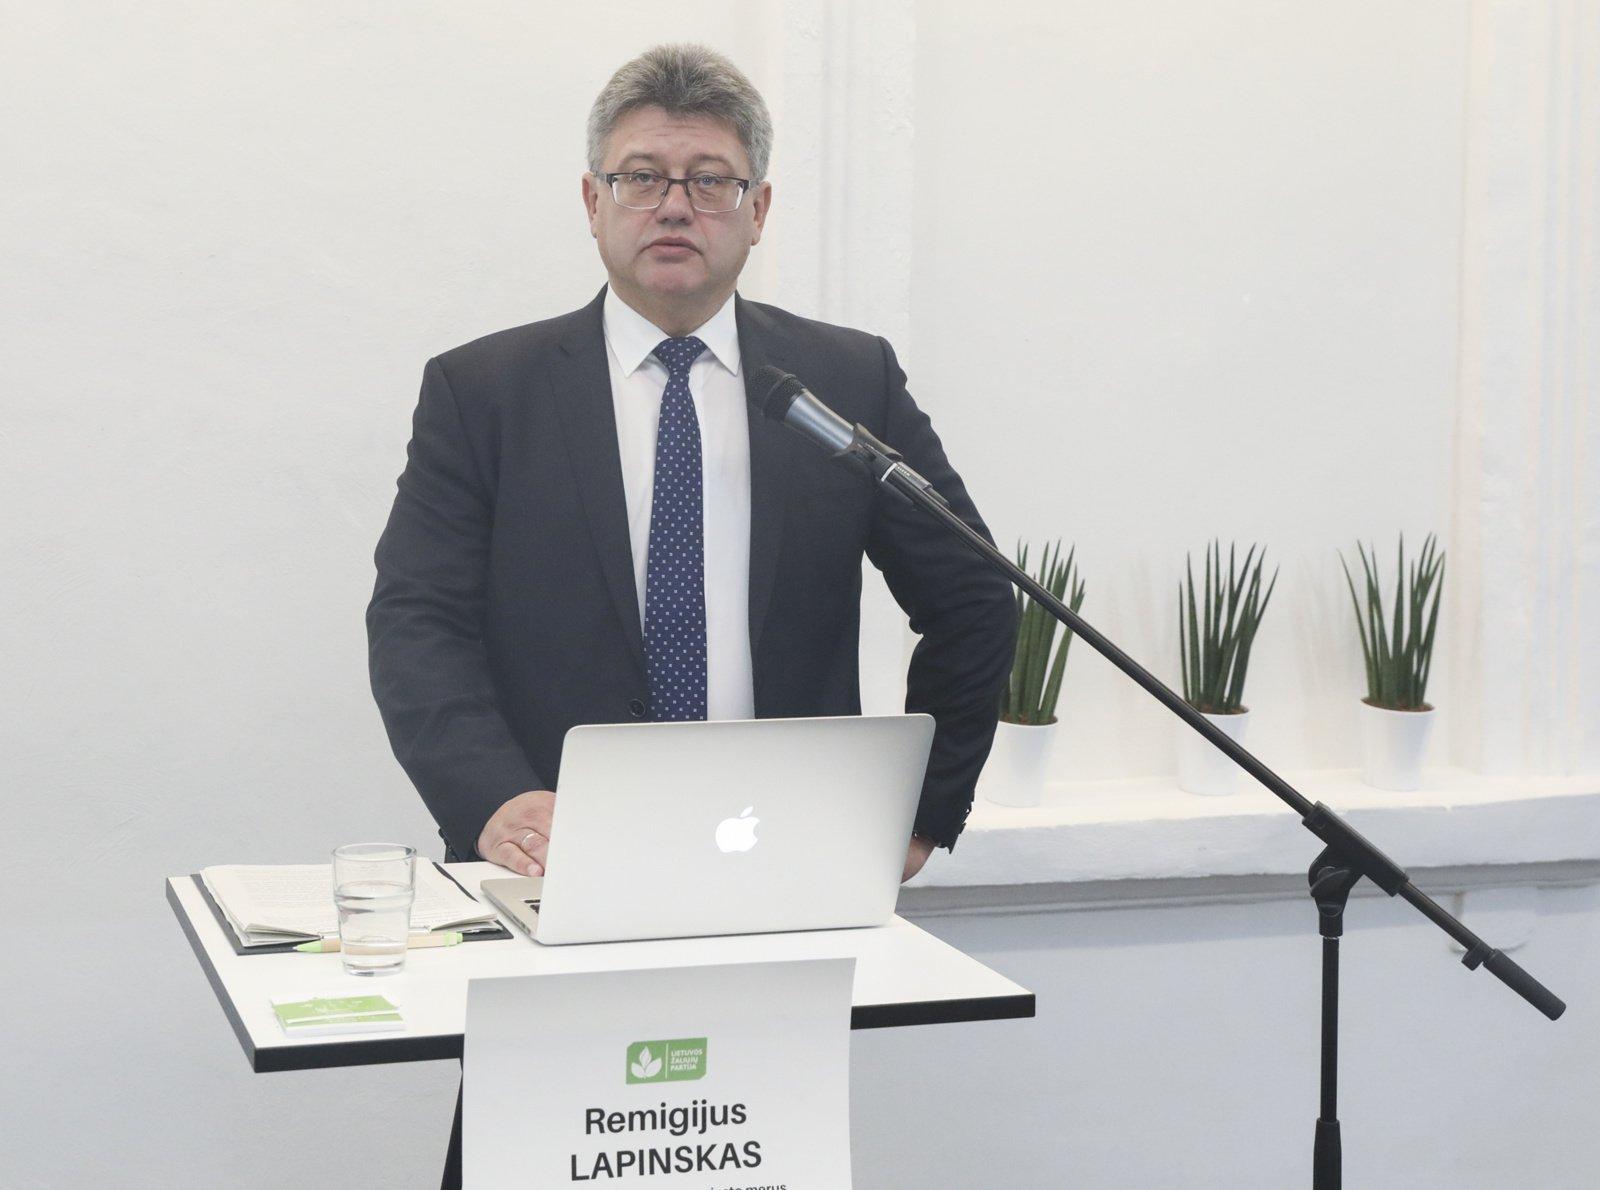 Lietuvos žaliųjų partiją į Seimo rinkimus ves jos pirmininkas R. Lapinskas